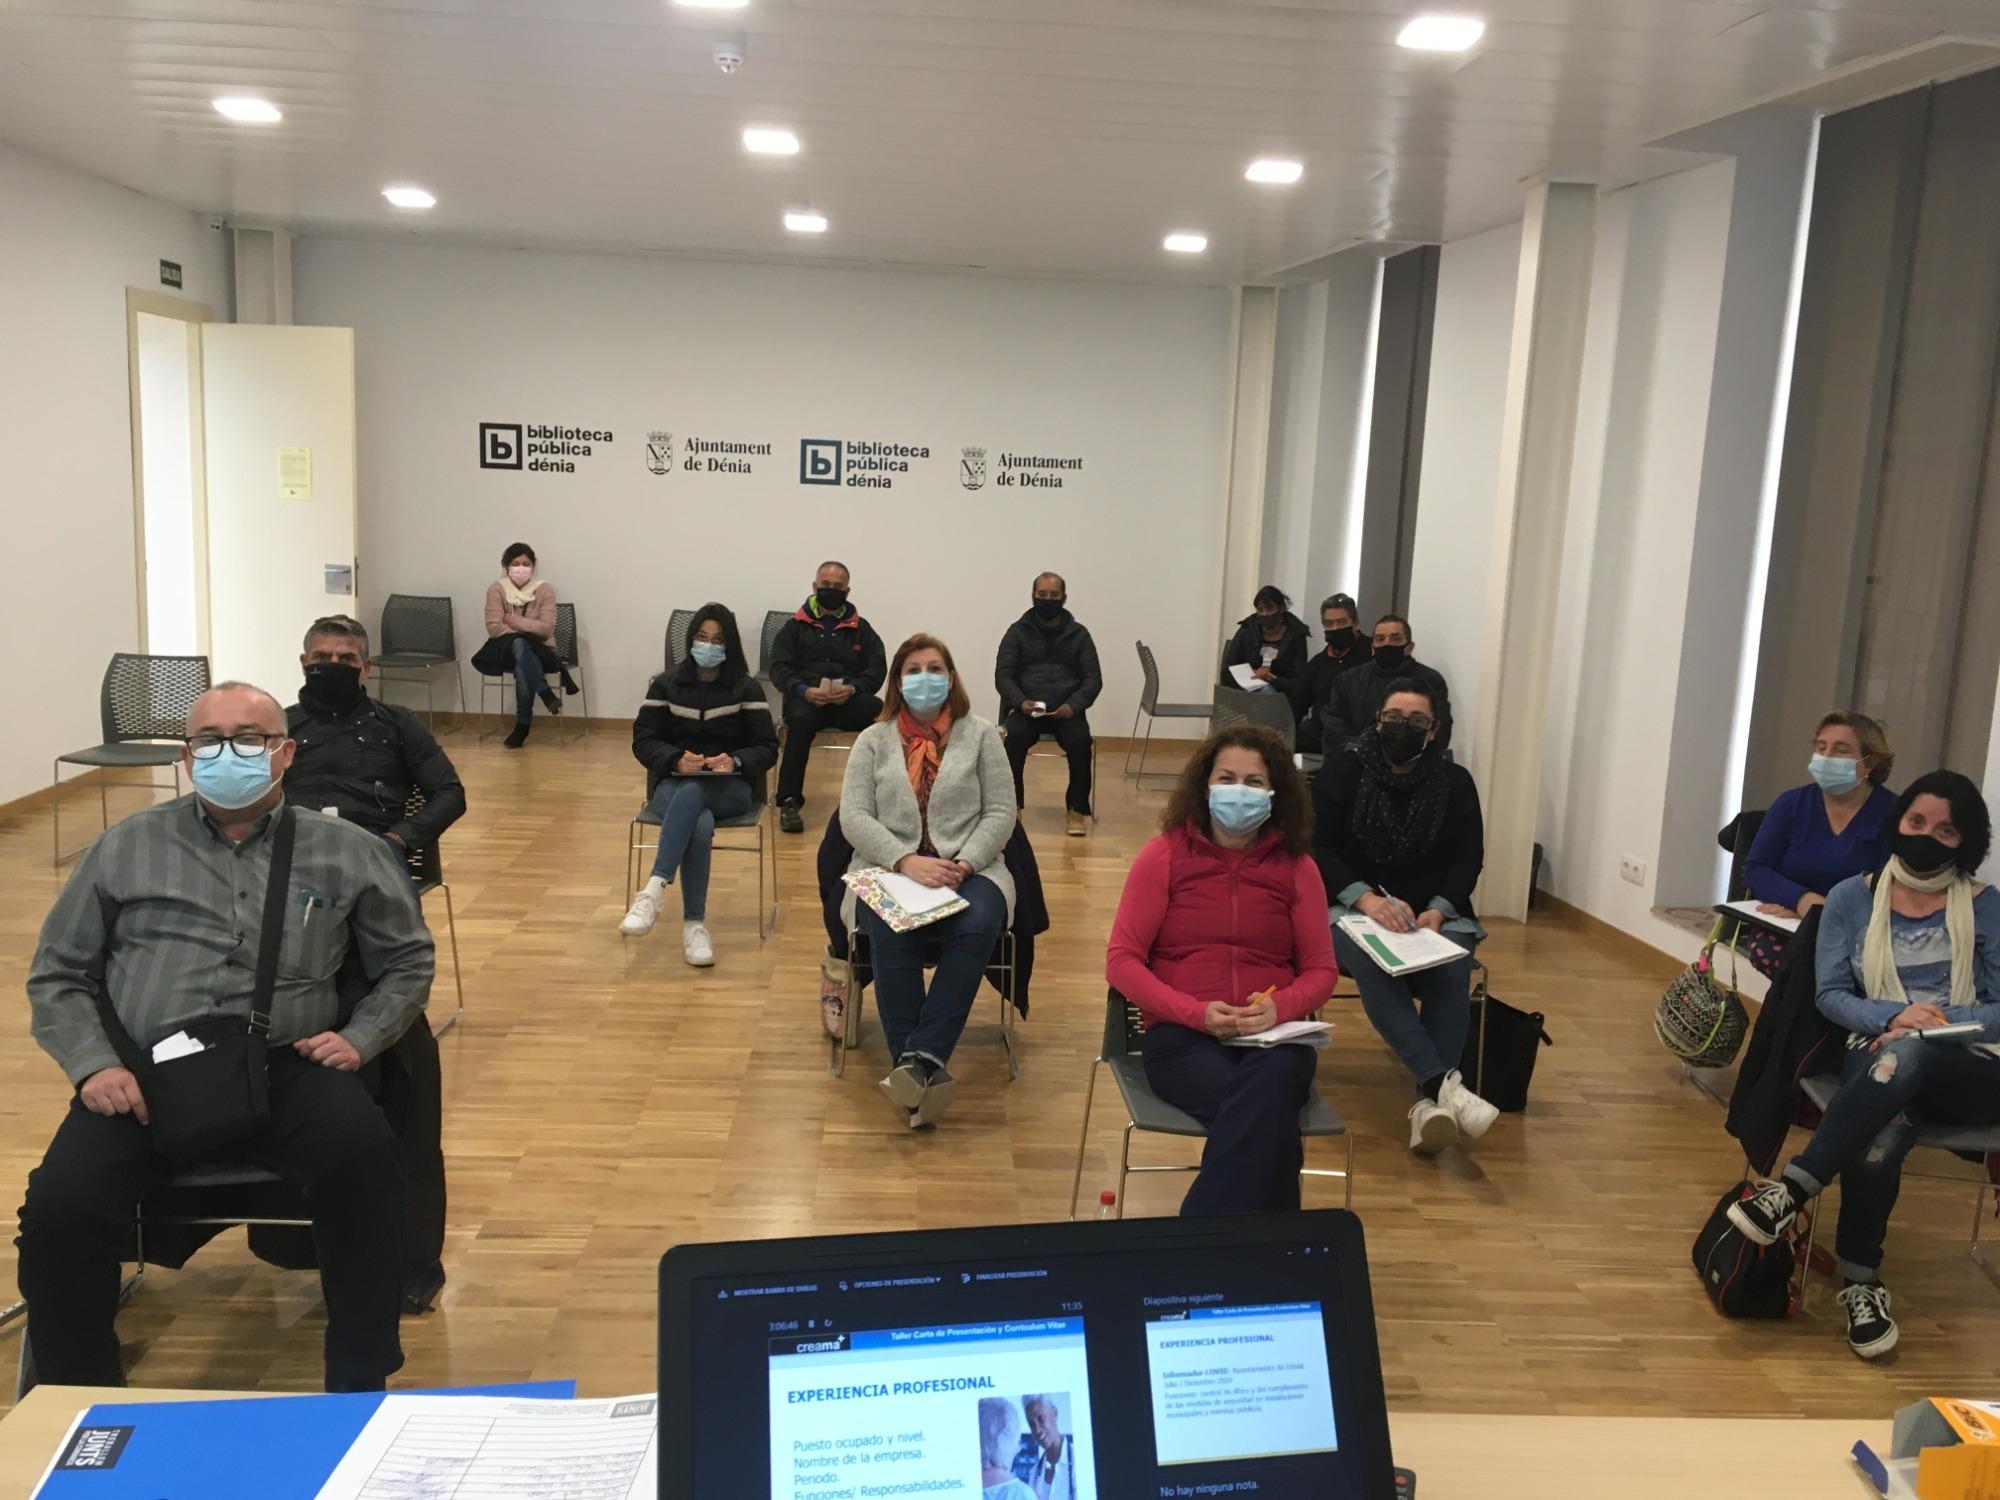 """Los trabajadores/as del """"I Plande Empleo"""" del Ayuntamiento de Dénia,han recibido la última sesión de orientación laboral """"El Currículum Digital"""" impartida por Creama Dénia."""